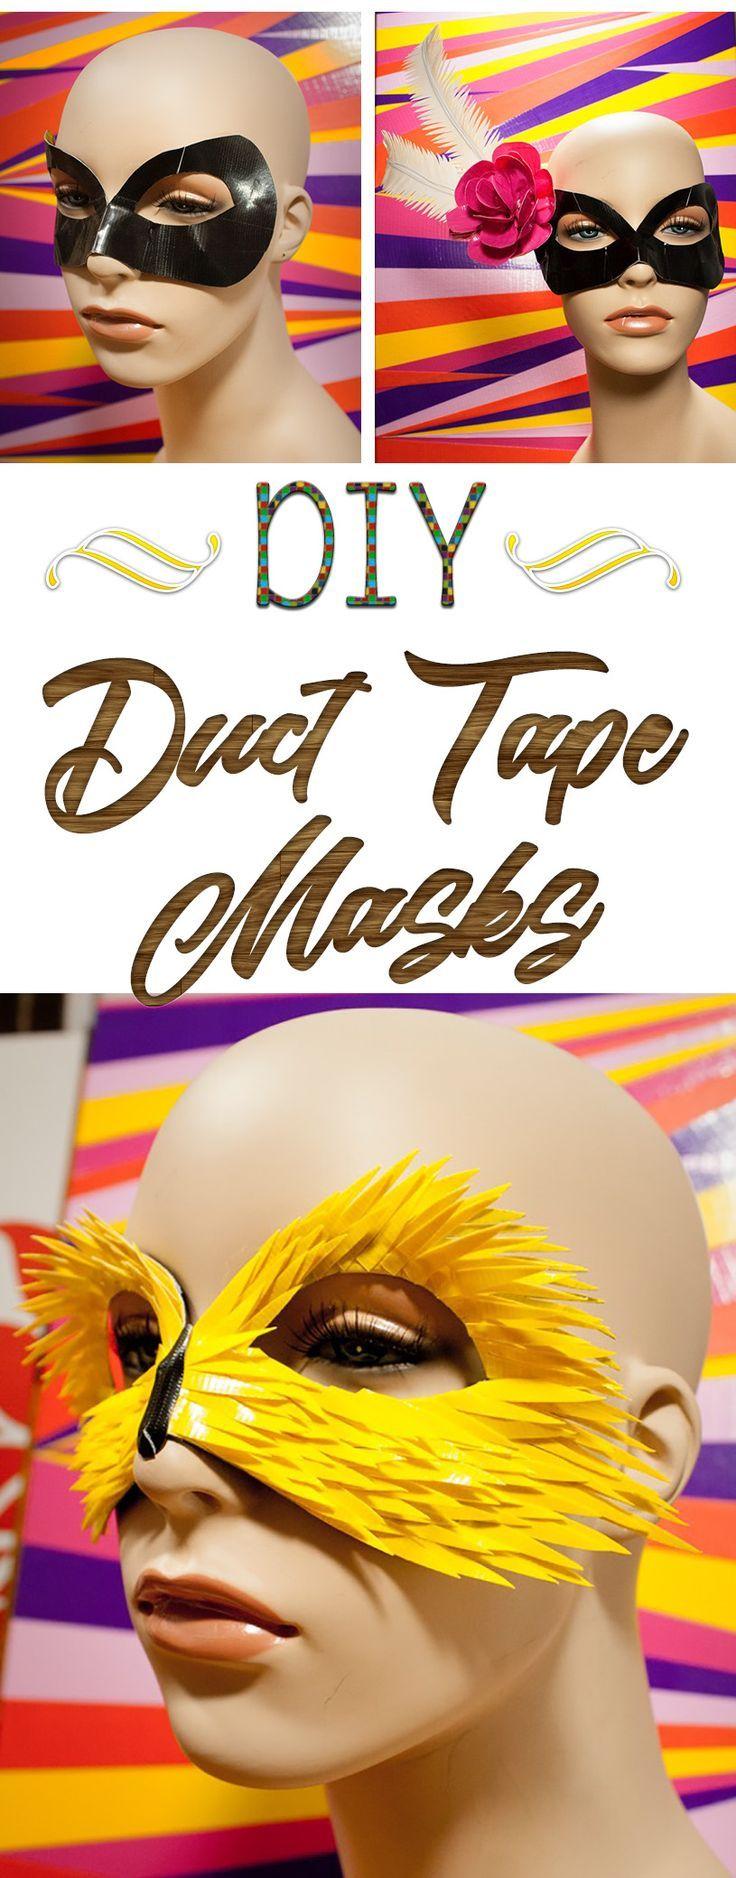 DIY duct tape masks                                                                                                                                                                                 More